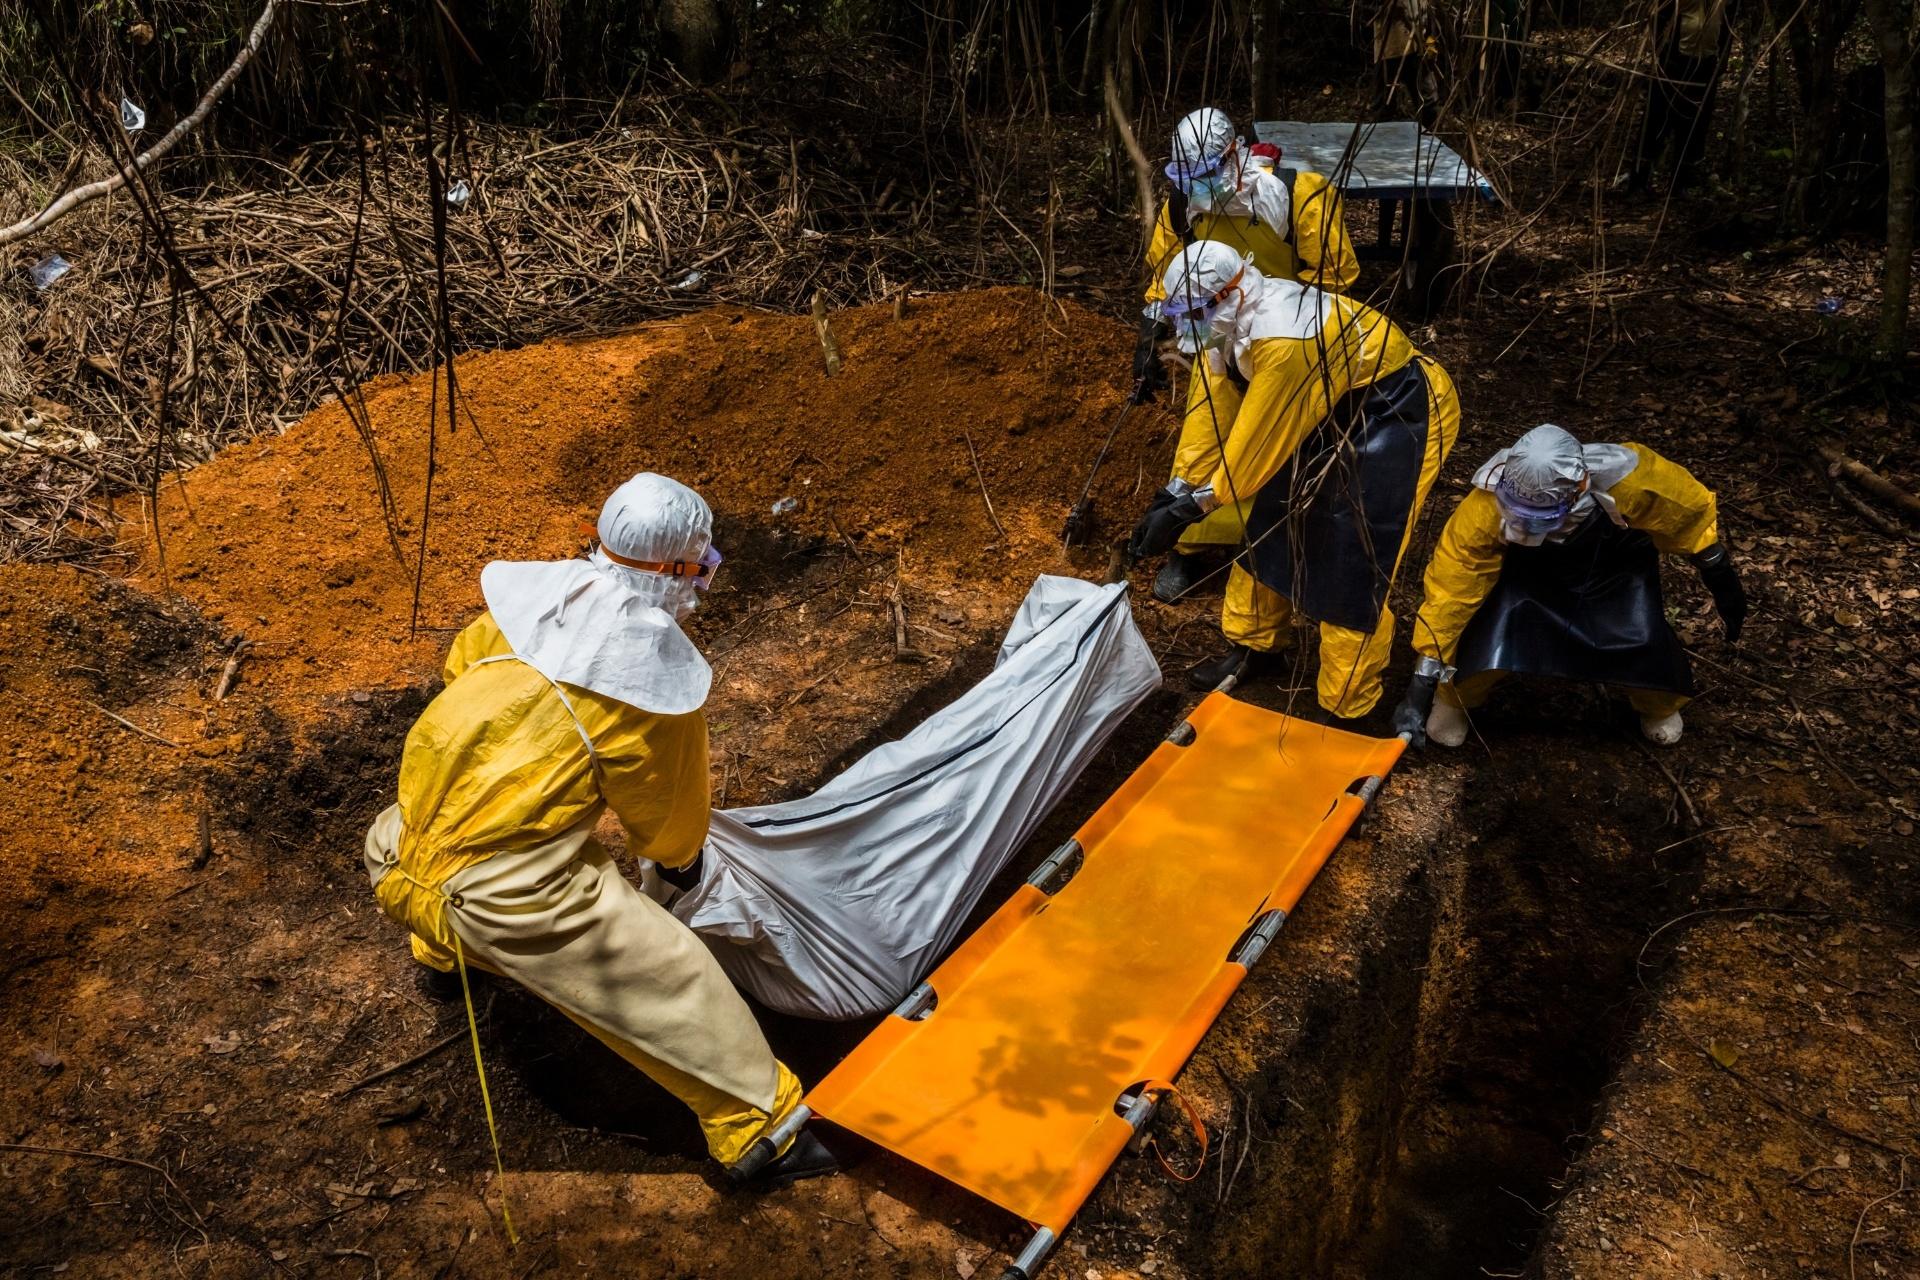 Equipe funerária enterra o corpo de Robert Yini, que contraiu ebola, em uma cova adjacente à Unidade de Tratamento de Ebola no Condado de Bong em Sgt. Kollie Tow, na Libéria